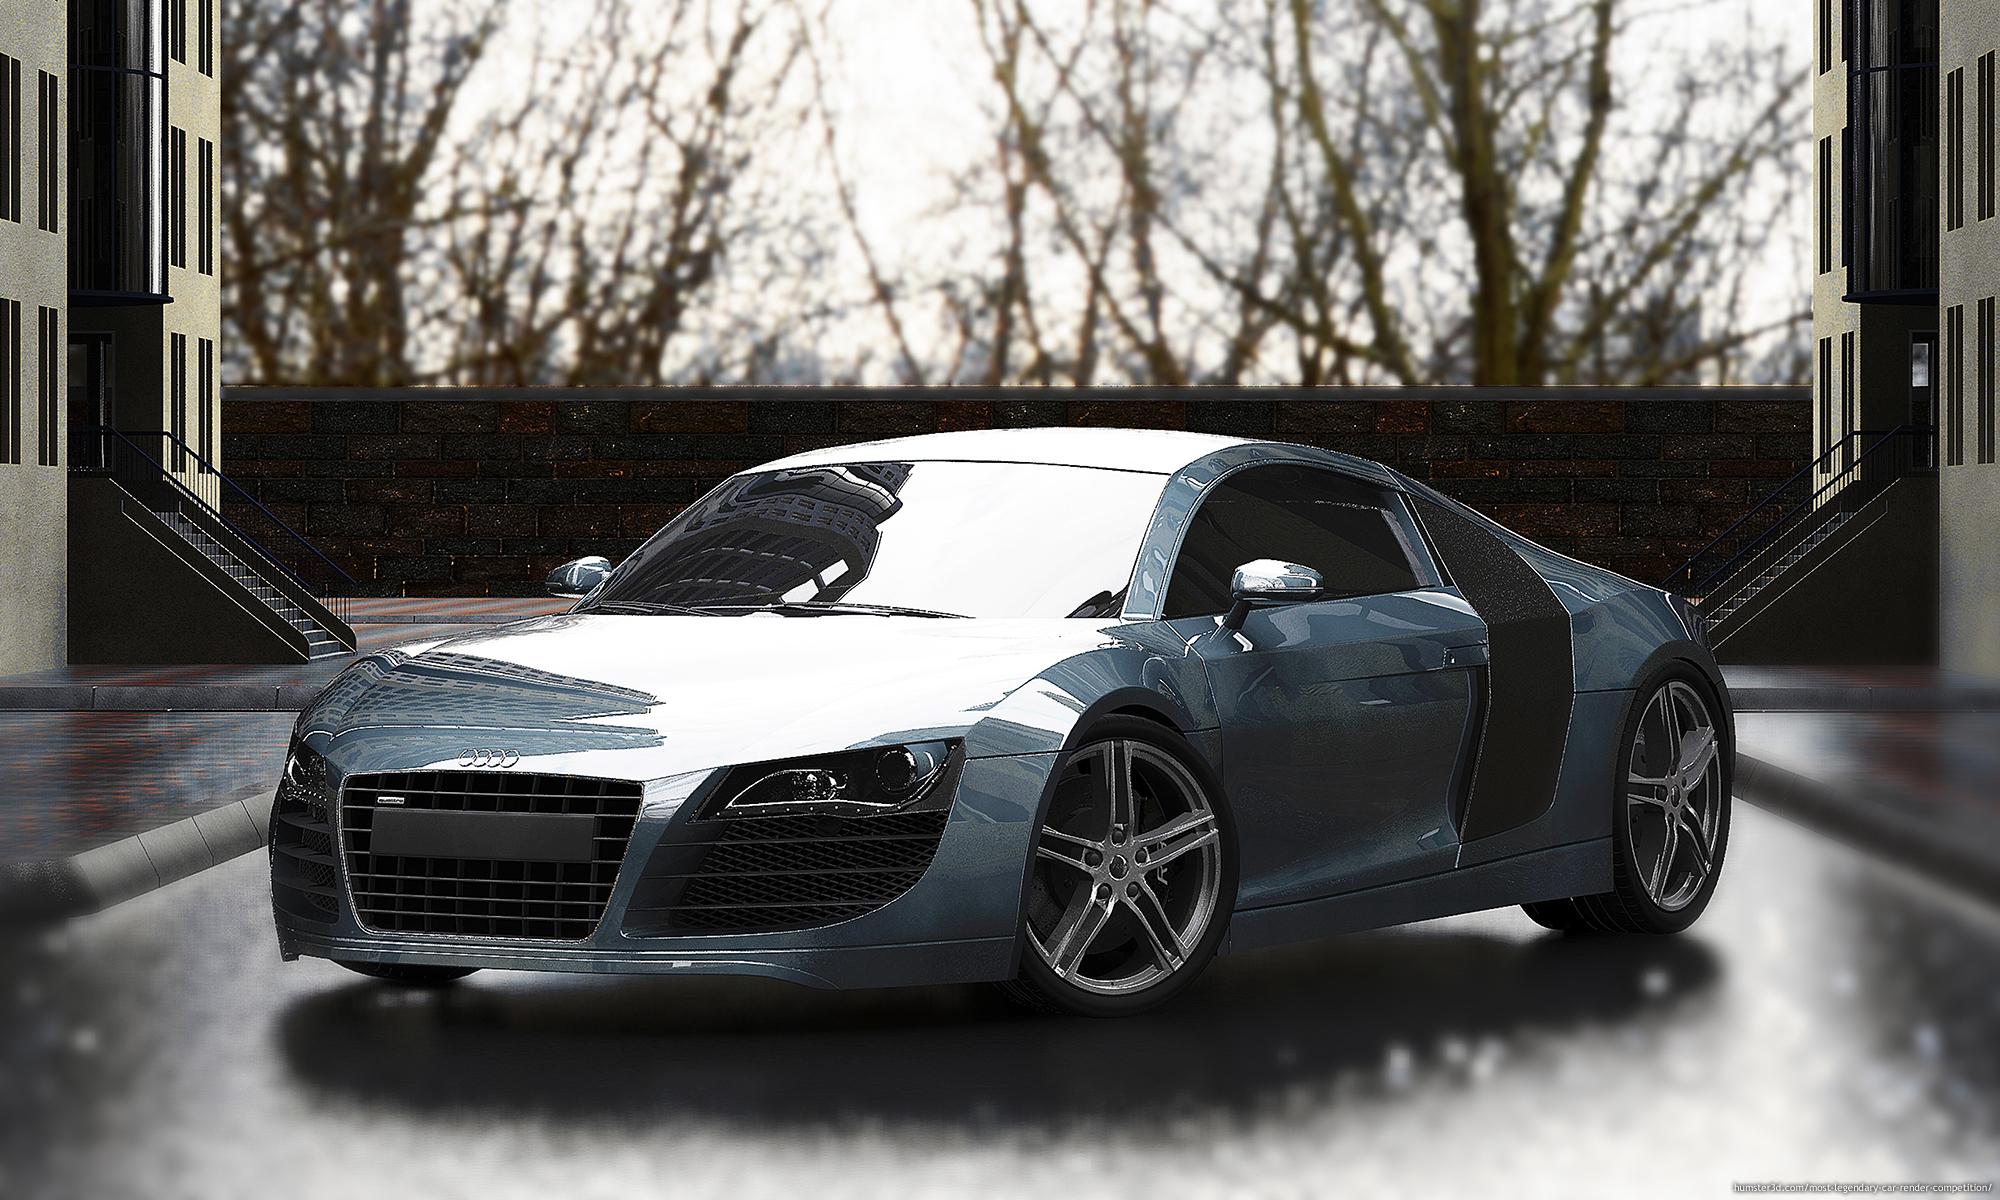 Audi's Perfection 3d art